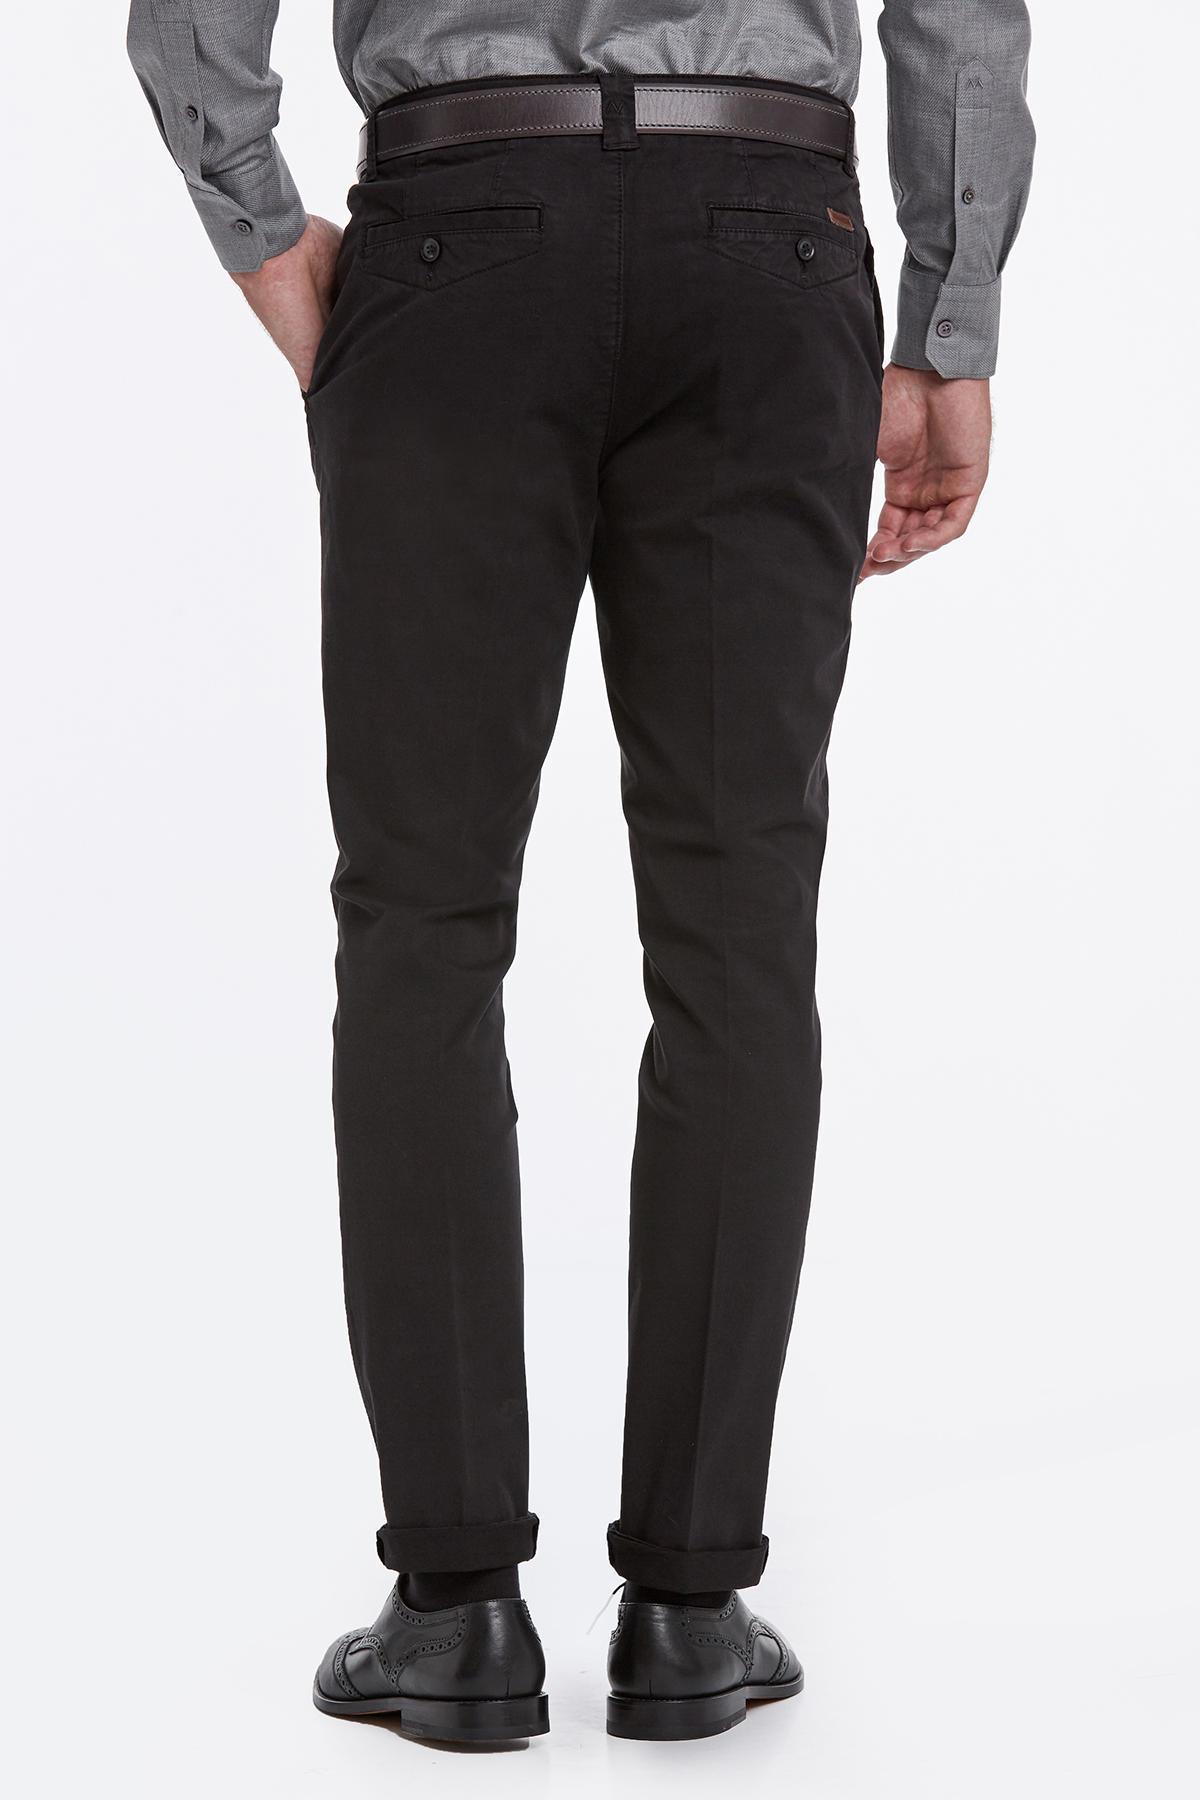 Siyah Pamuk Chino Pantolon